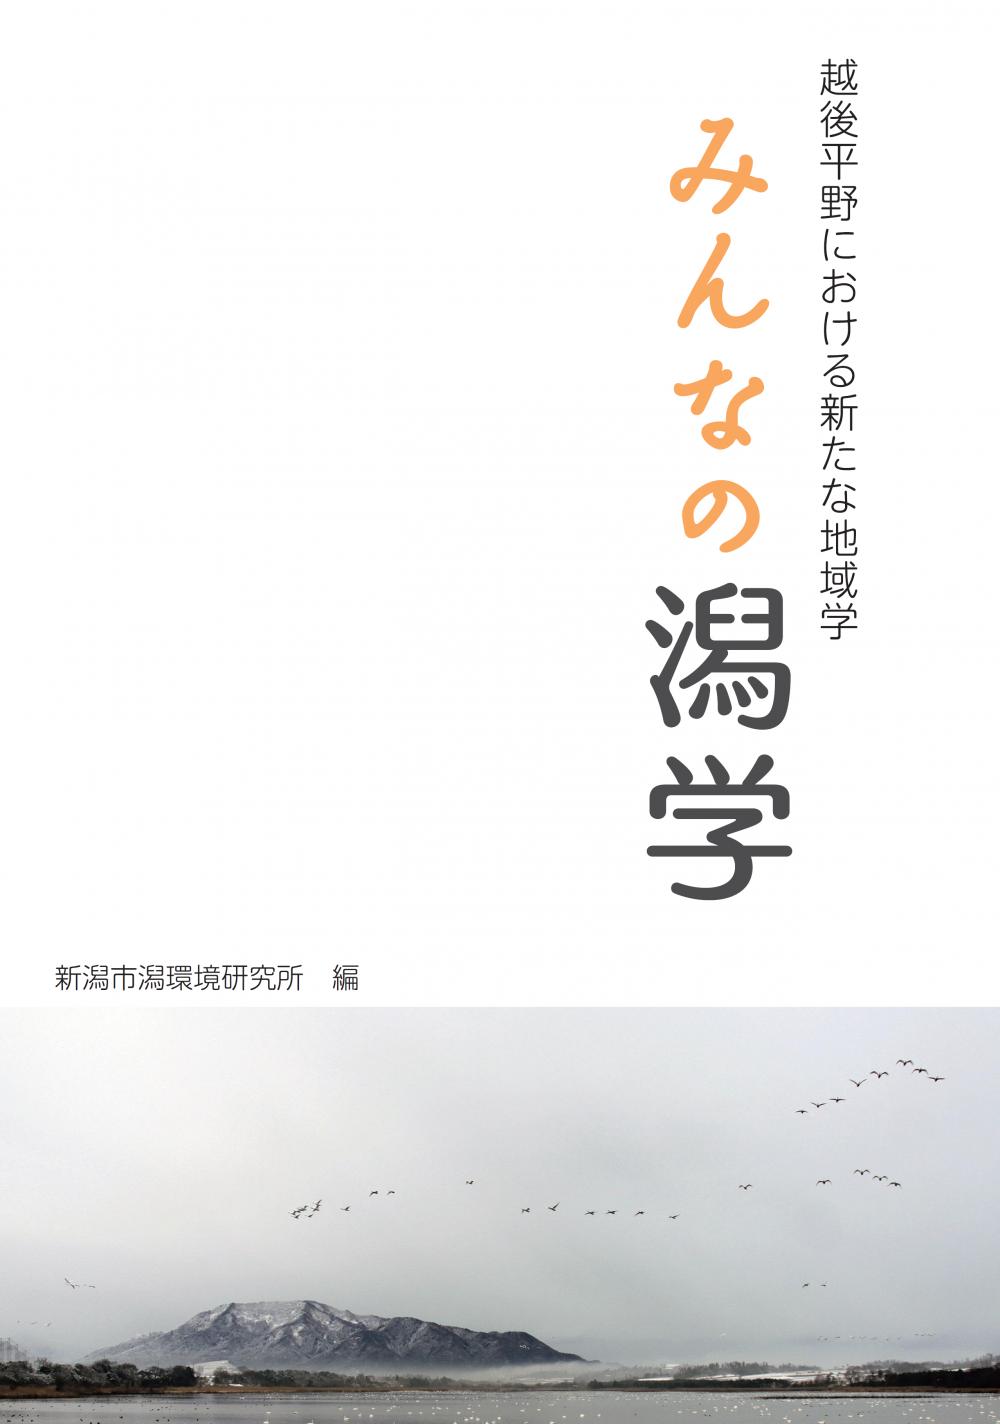 みんなの潟学」出版記念シンポジウム参加者募集中!本の一般向け配布を ...